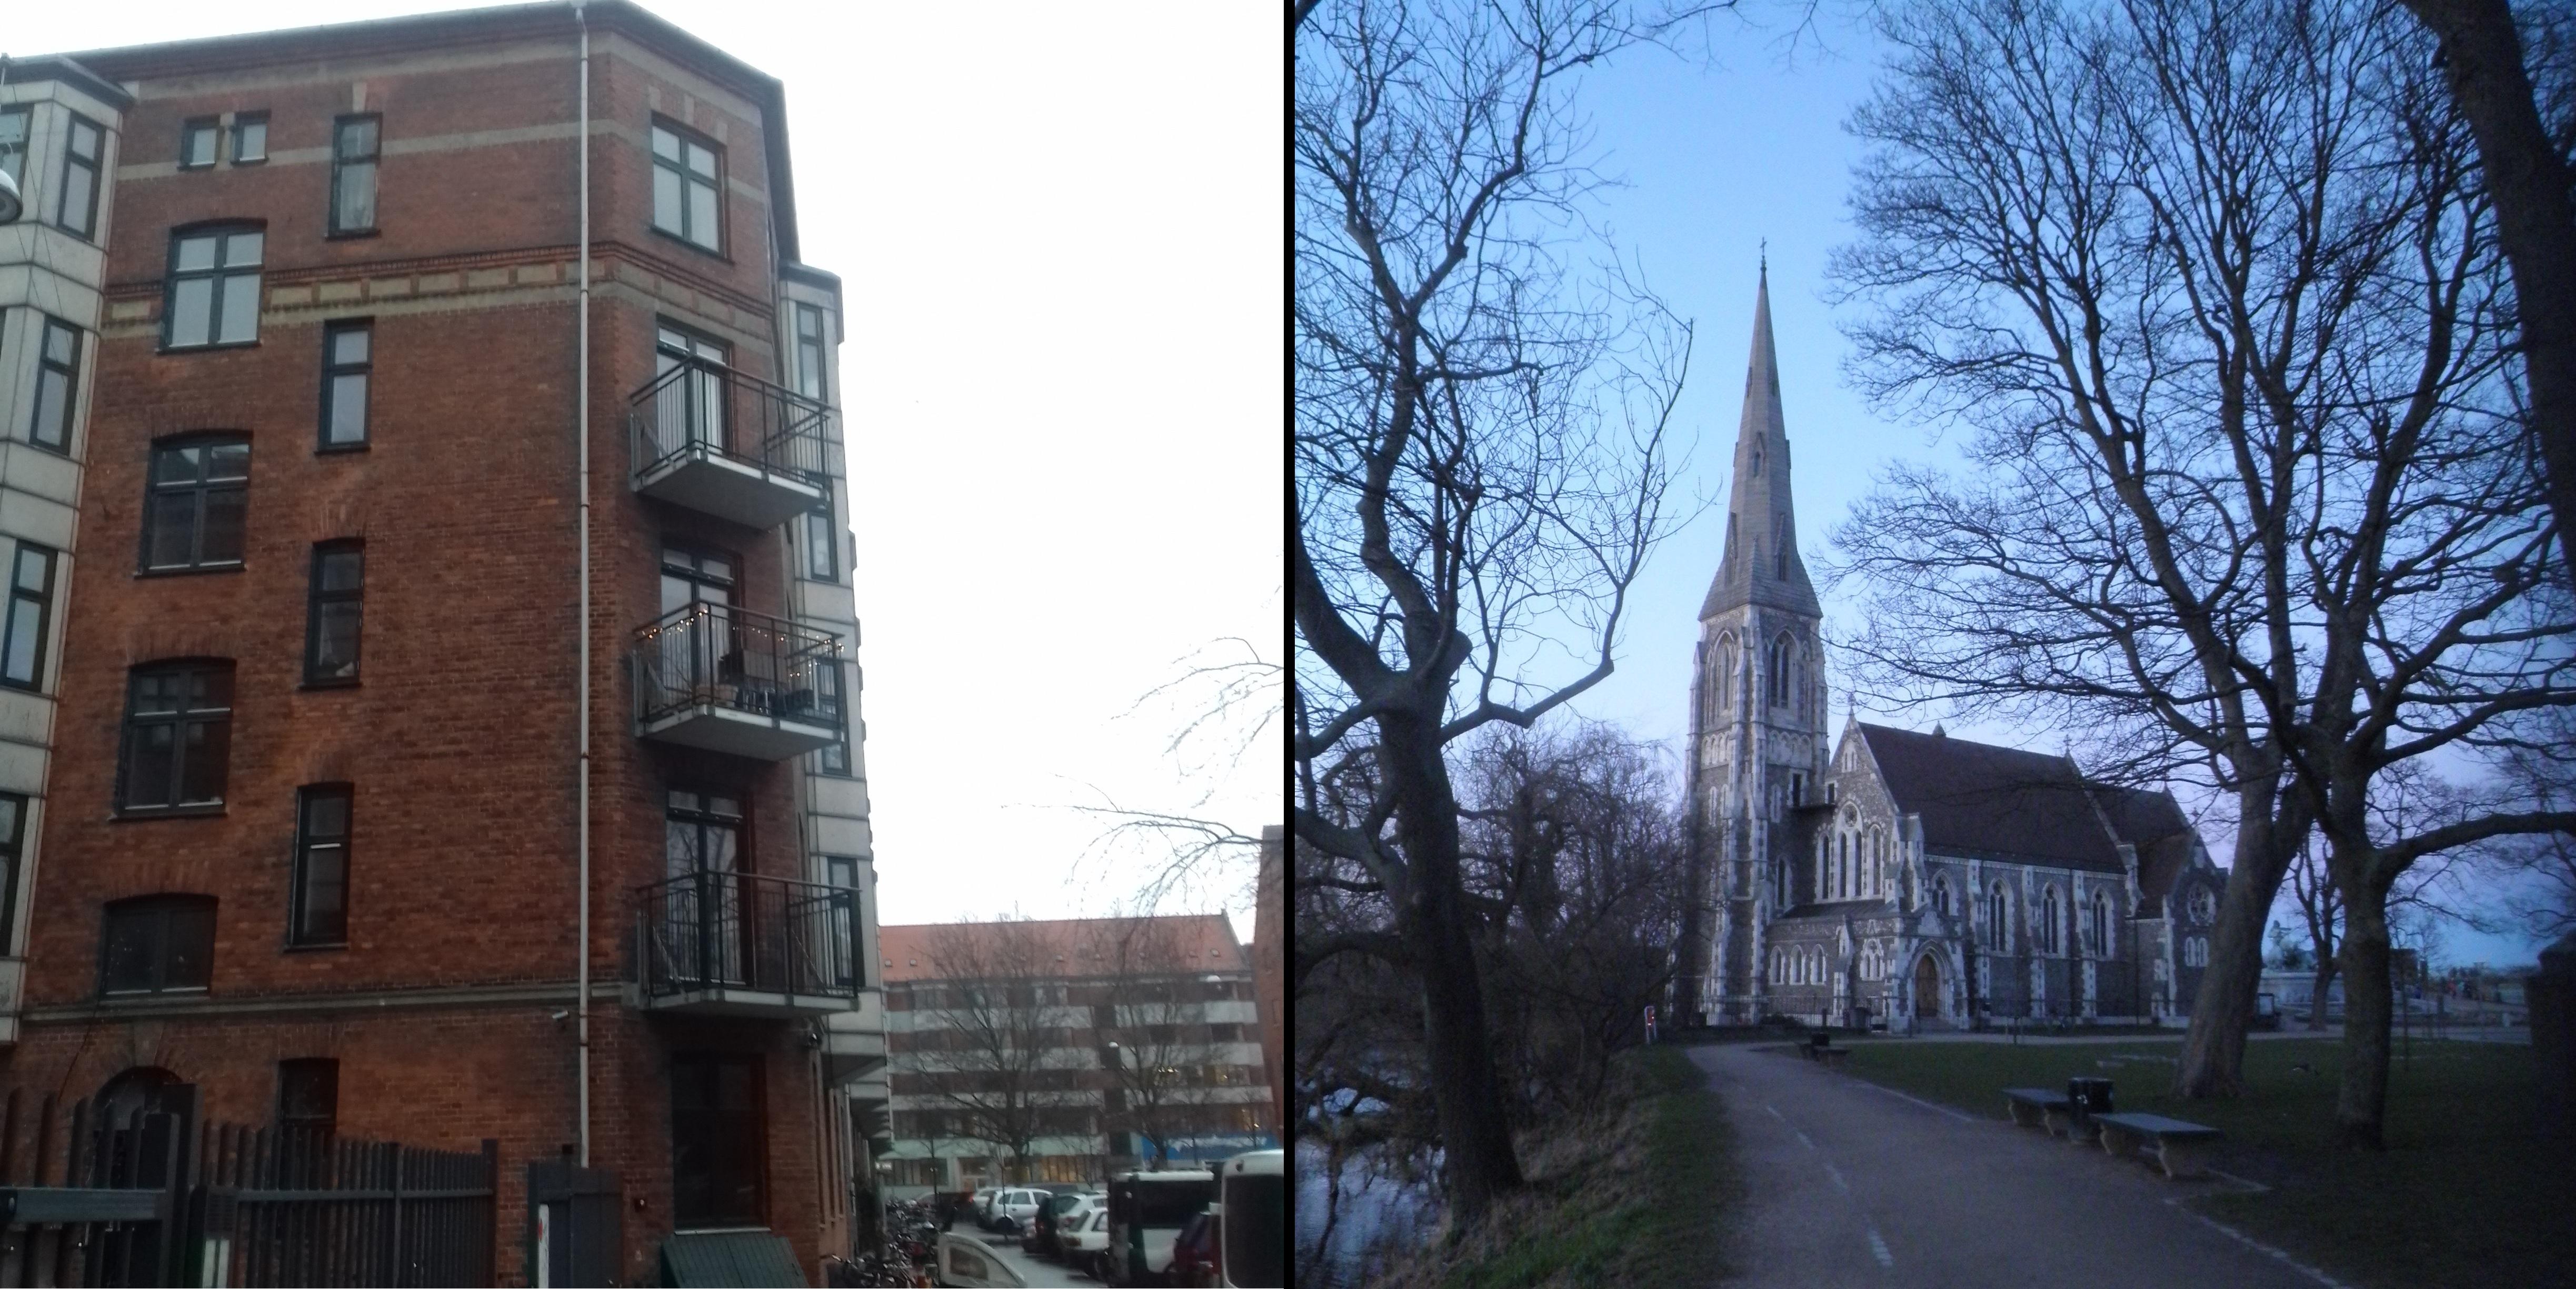 Kodanská architektúra nás dostala na prvý pohľad, a čo vás?